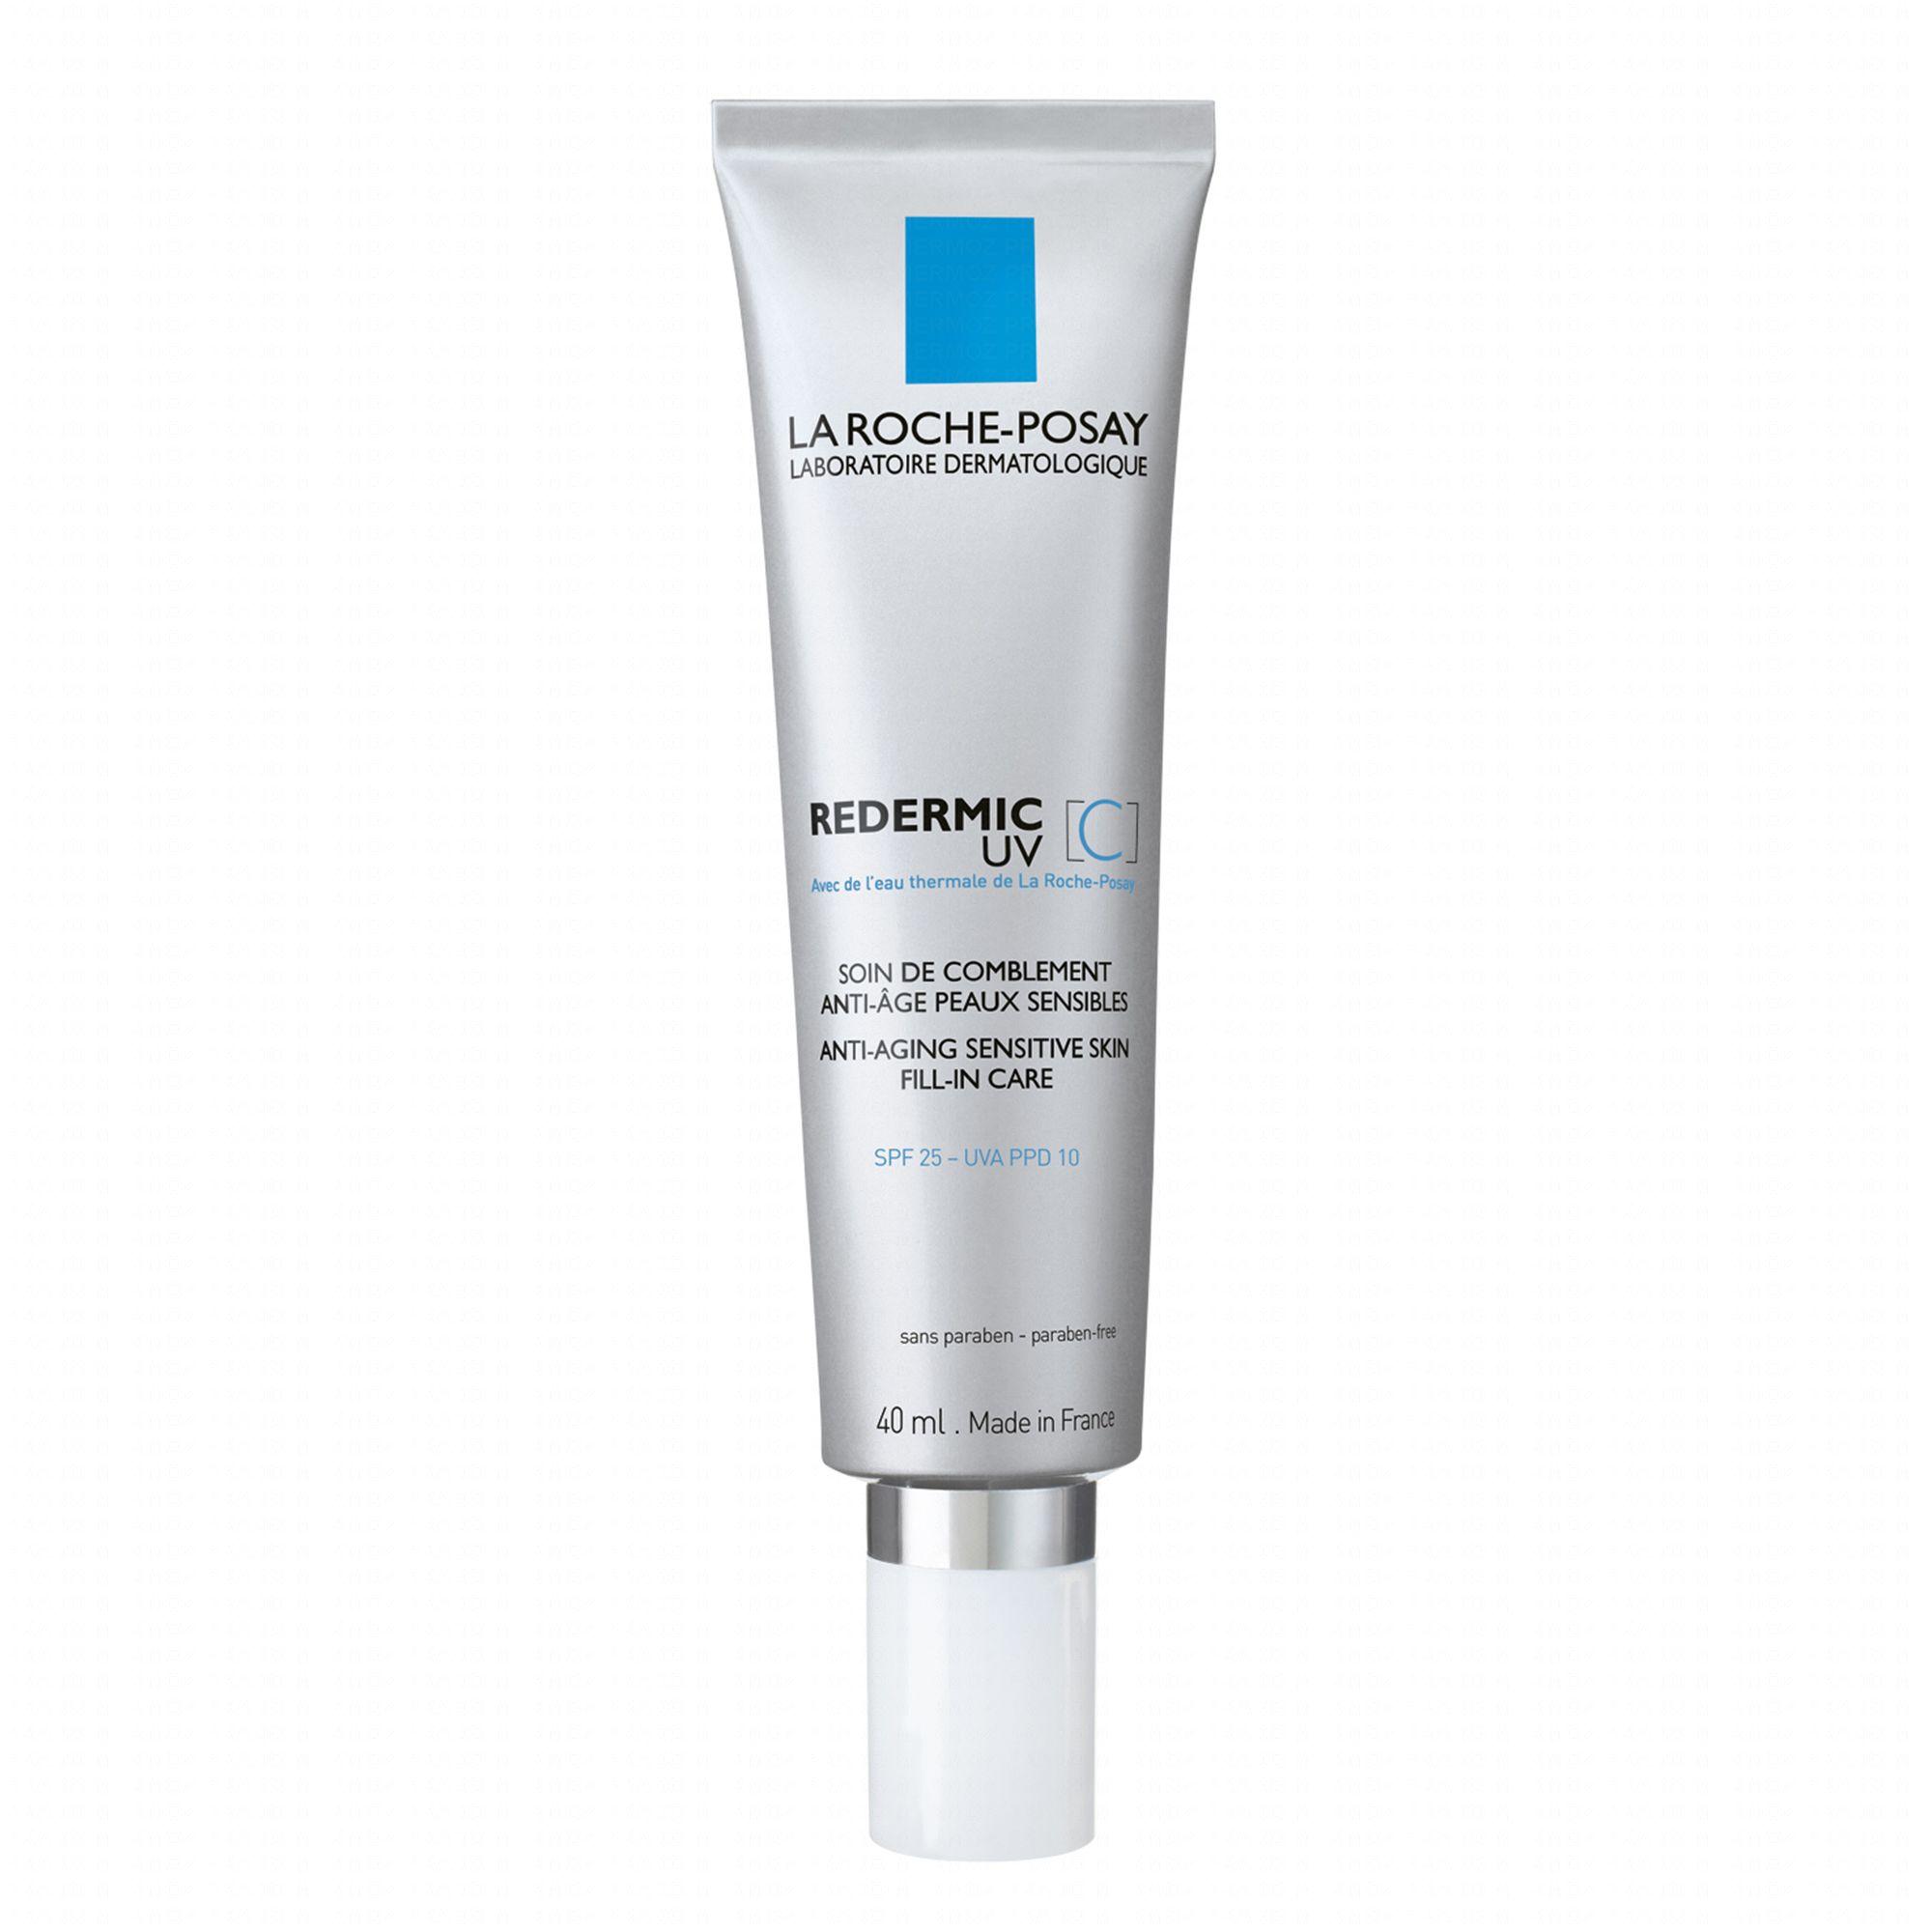 LA ROCHE-POSAY Redermic C UV SPF25 tube 40ml La Roche